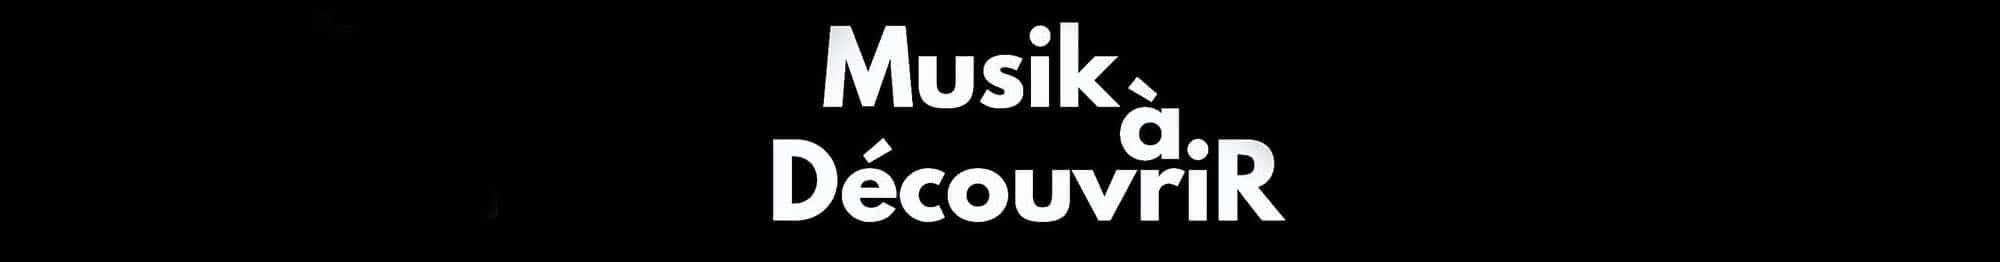 Rubrique musique sur CinéDweller